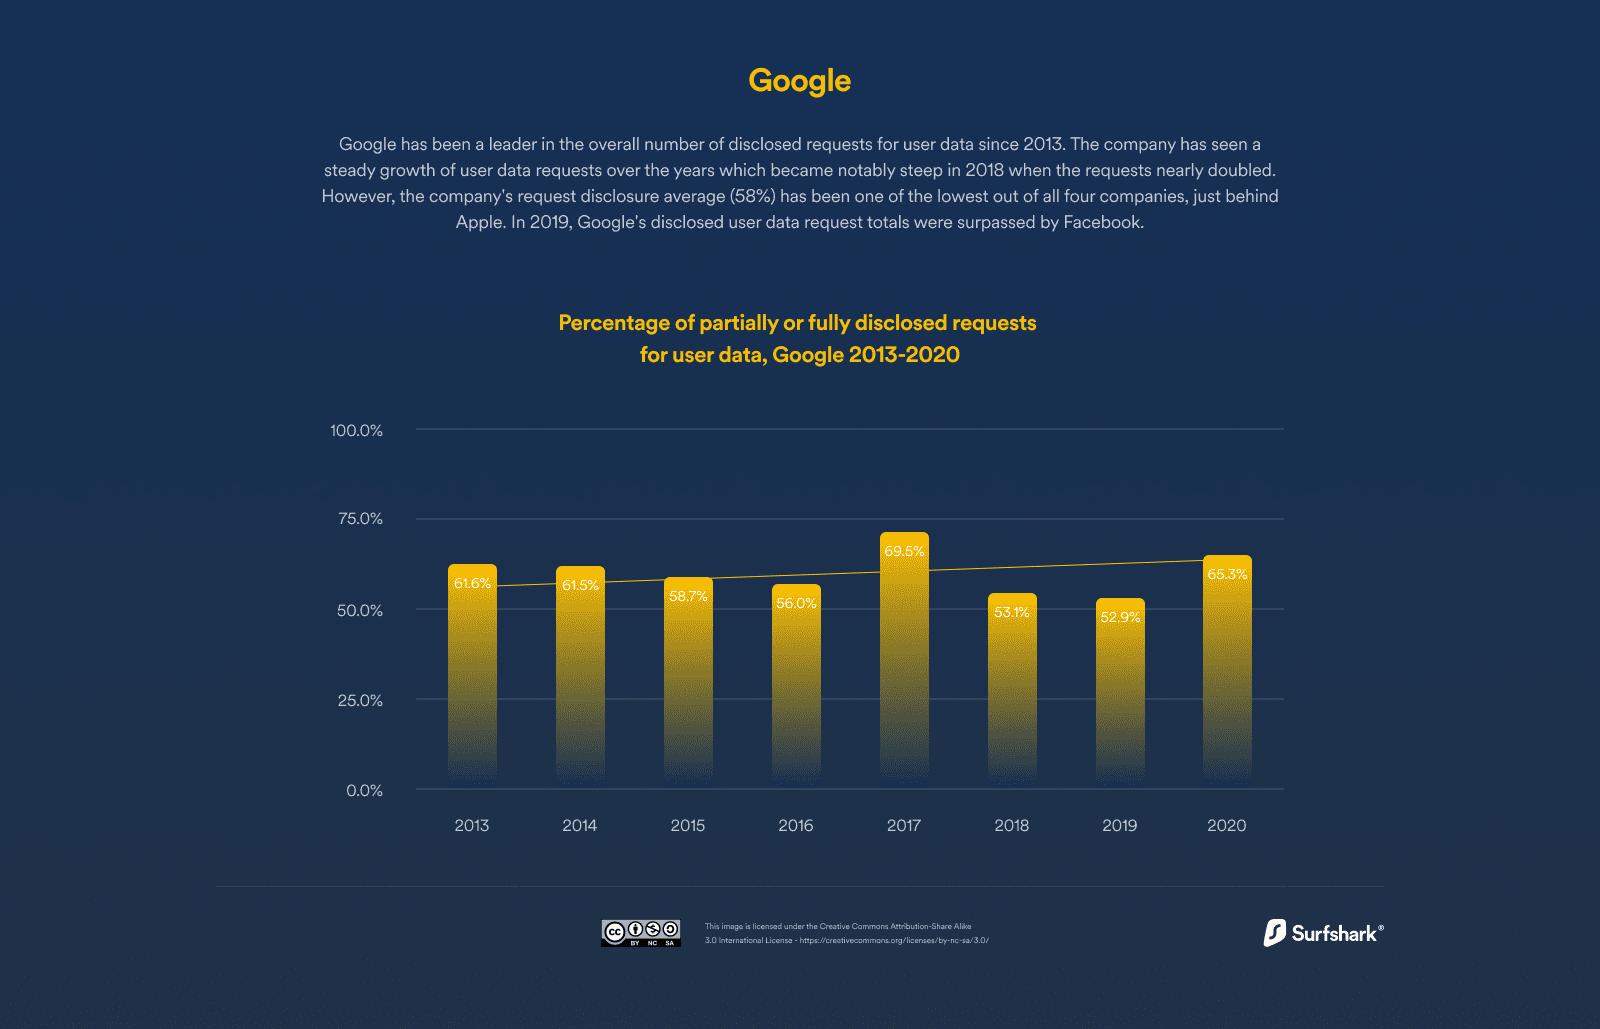 Company-level case studies - Google